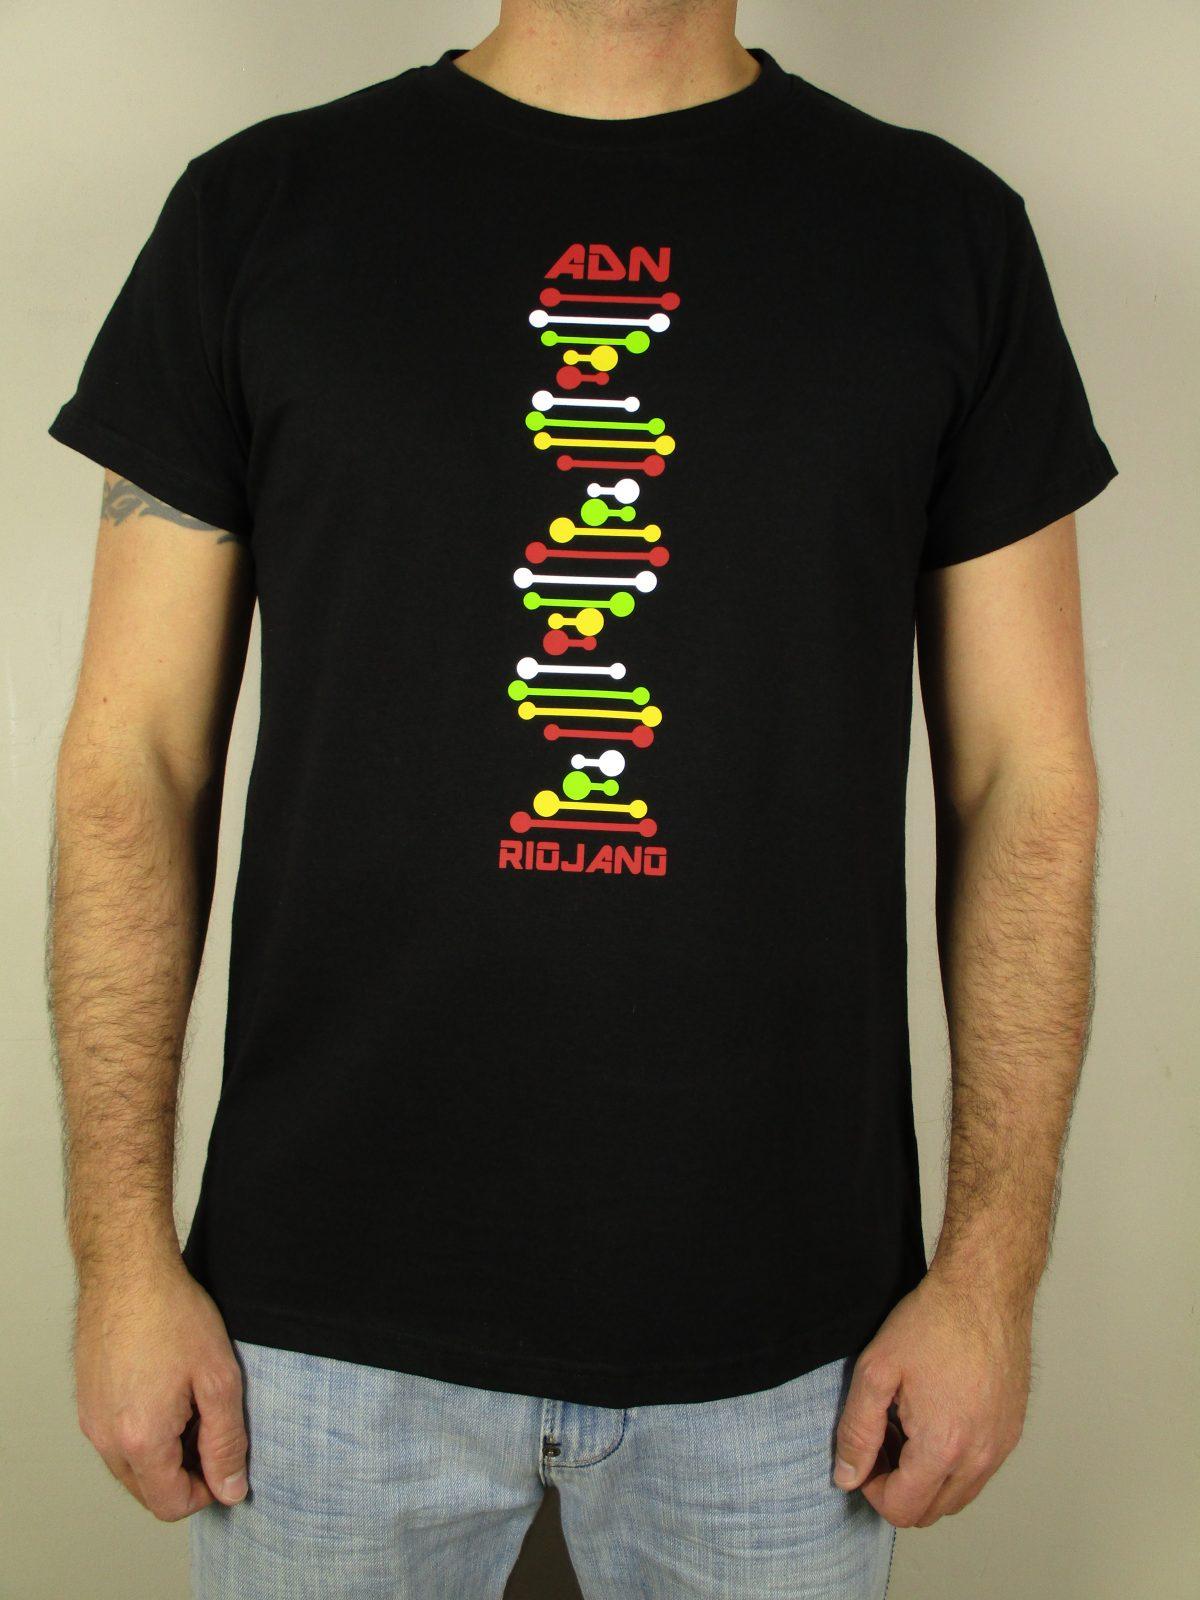 Camiseta riojana EHT calidad roblanvera hecho en España calidad exclusivo La Rioja ADN,